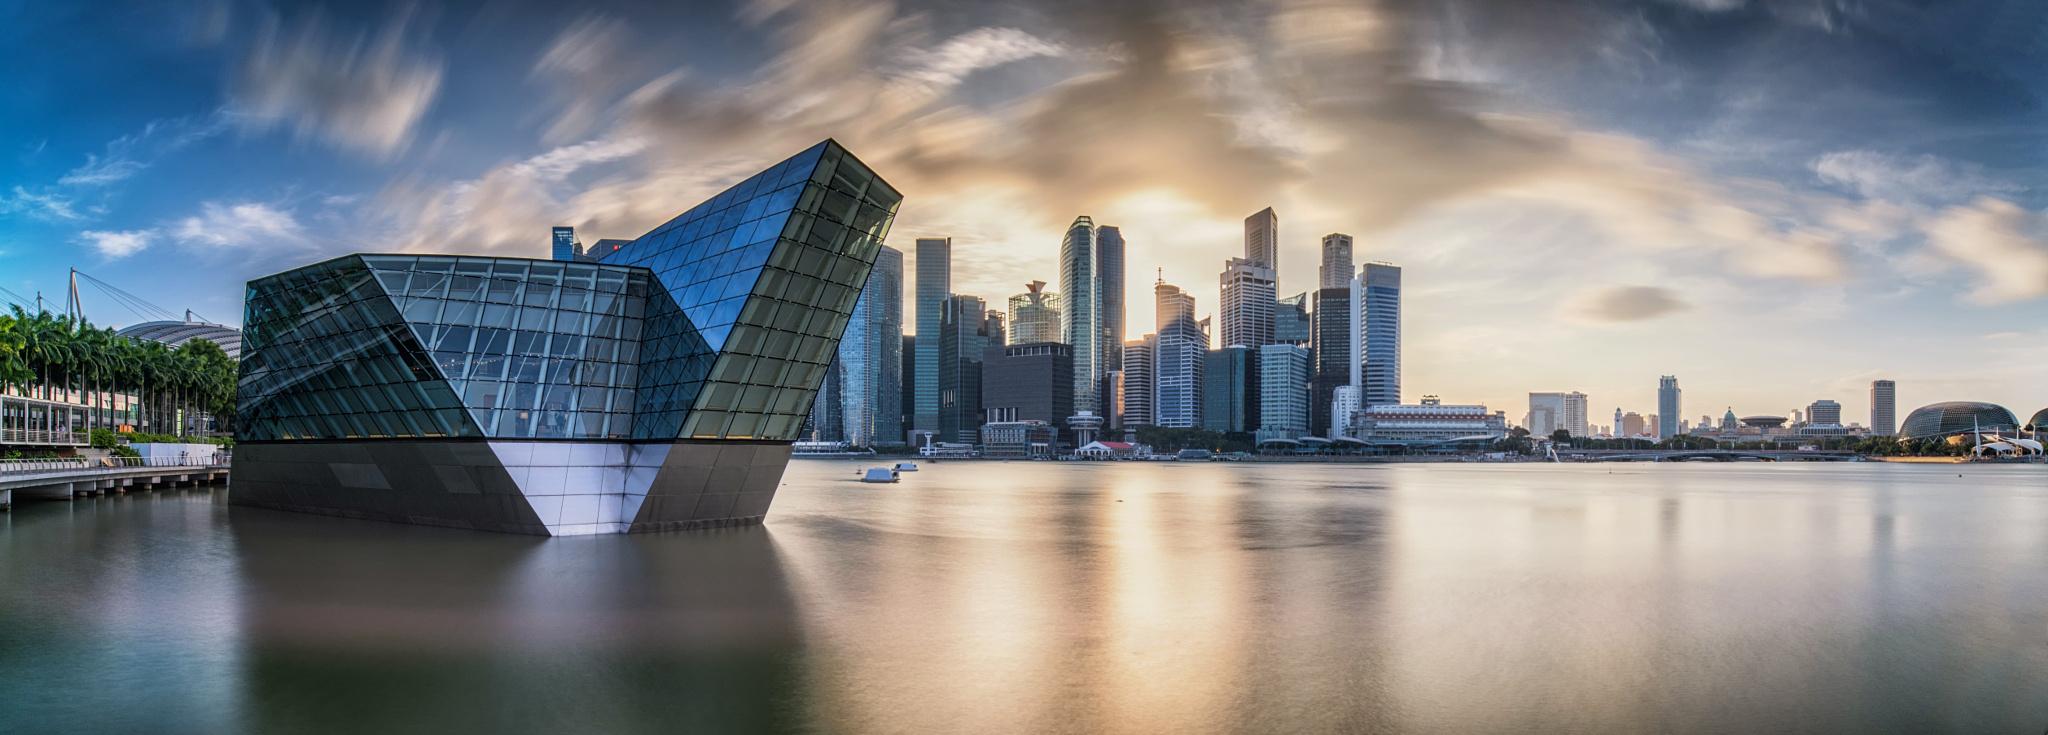 Singapore ngày nay không chỉ là trung tâm kinh tế mà còn là điểm đến du học lý tưởng